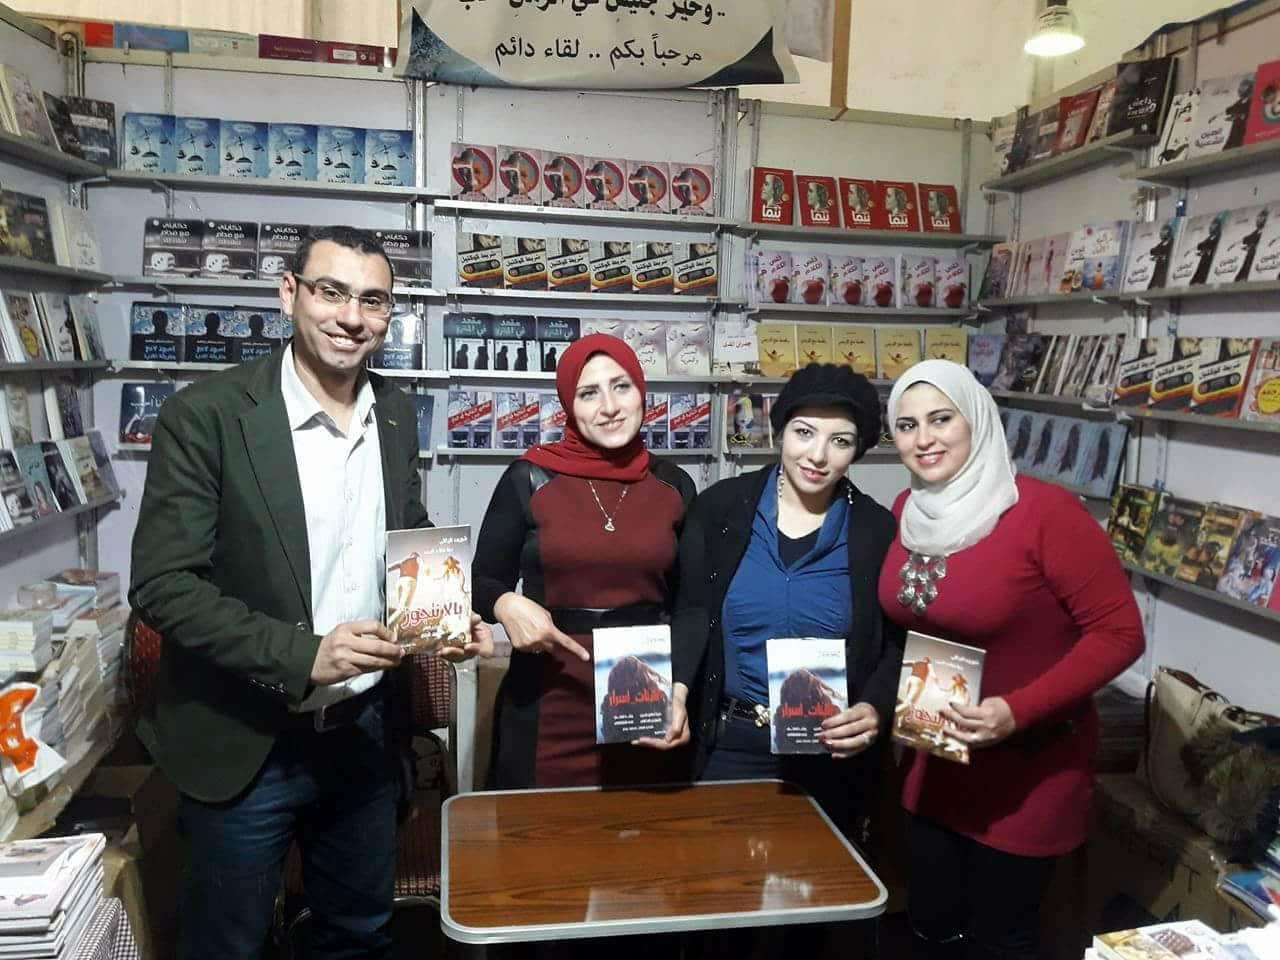 رشا فتحى توقع كتاب البنات أسرار بمعرض القاهرة للكتاب (8)